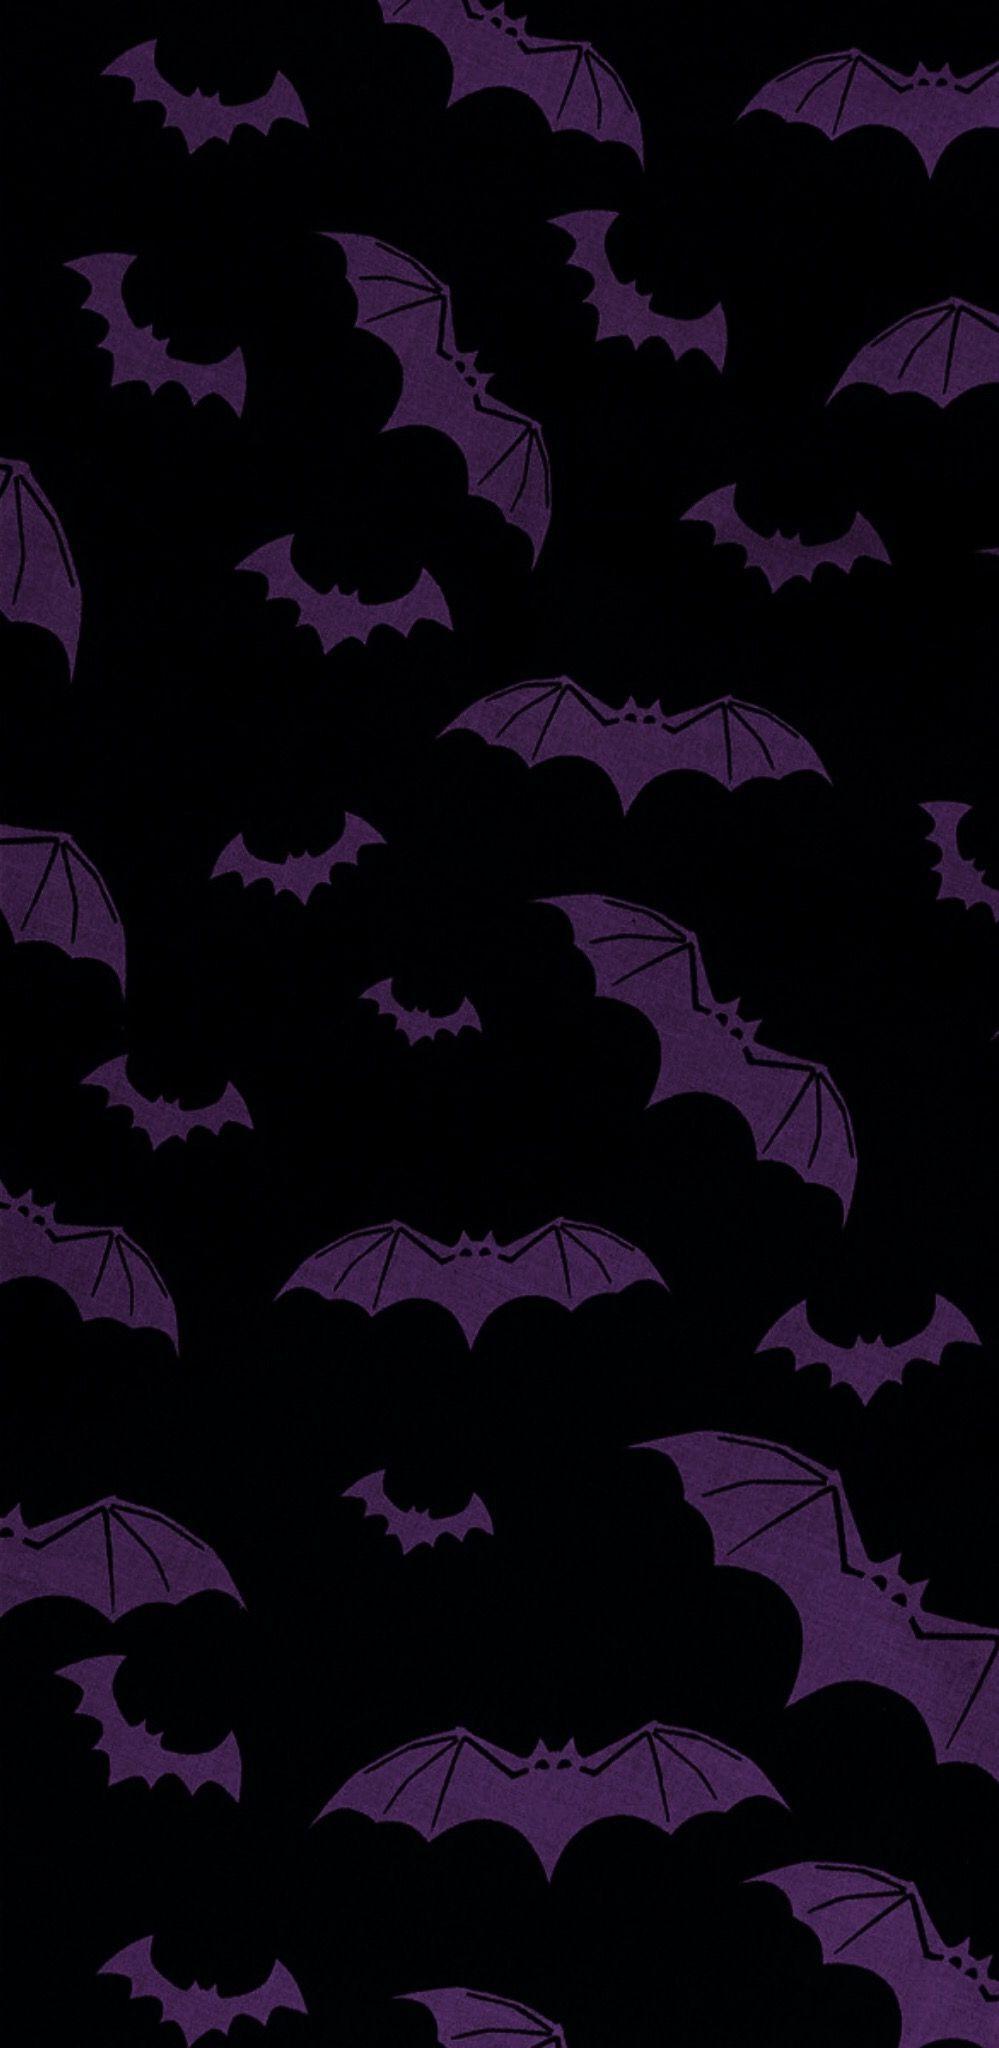 Halloween Bat Wallpapers Top Free Halloween Bat Backgrounds